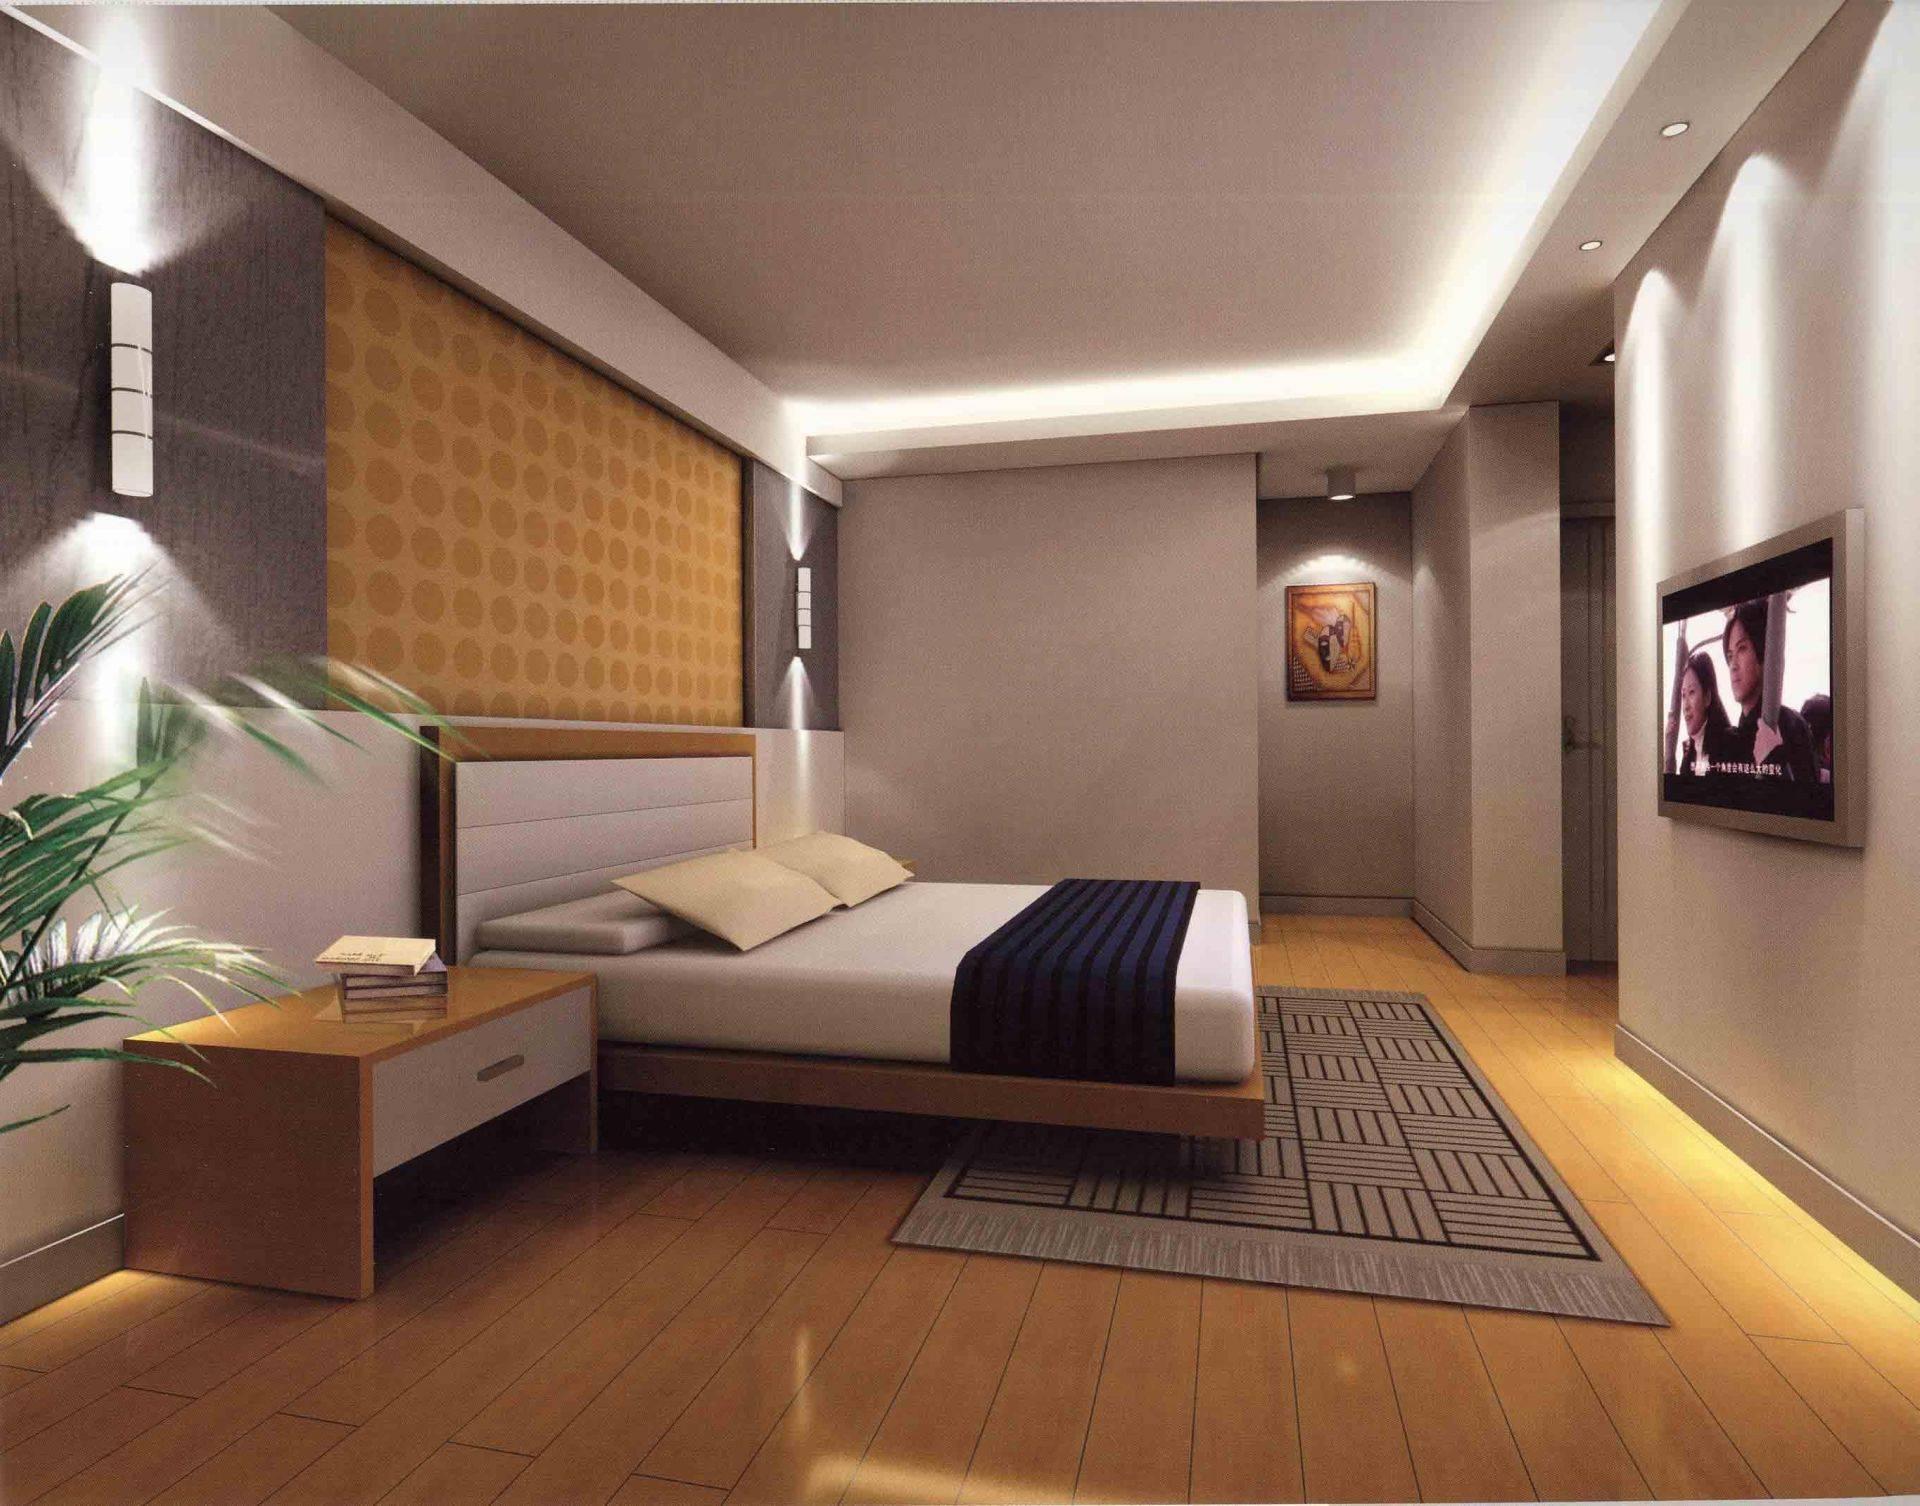 Дизайн спальни без окна: как сделать комнату светлой и просторной. спальня без окна